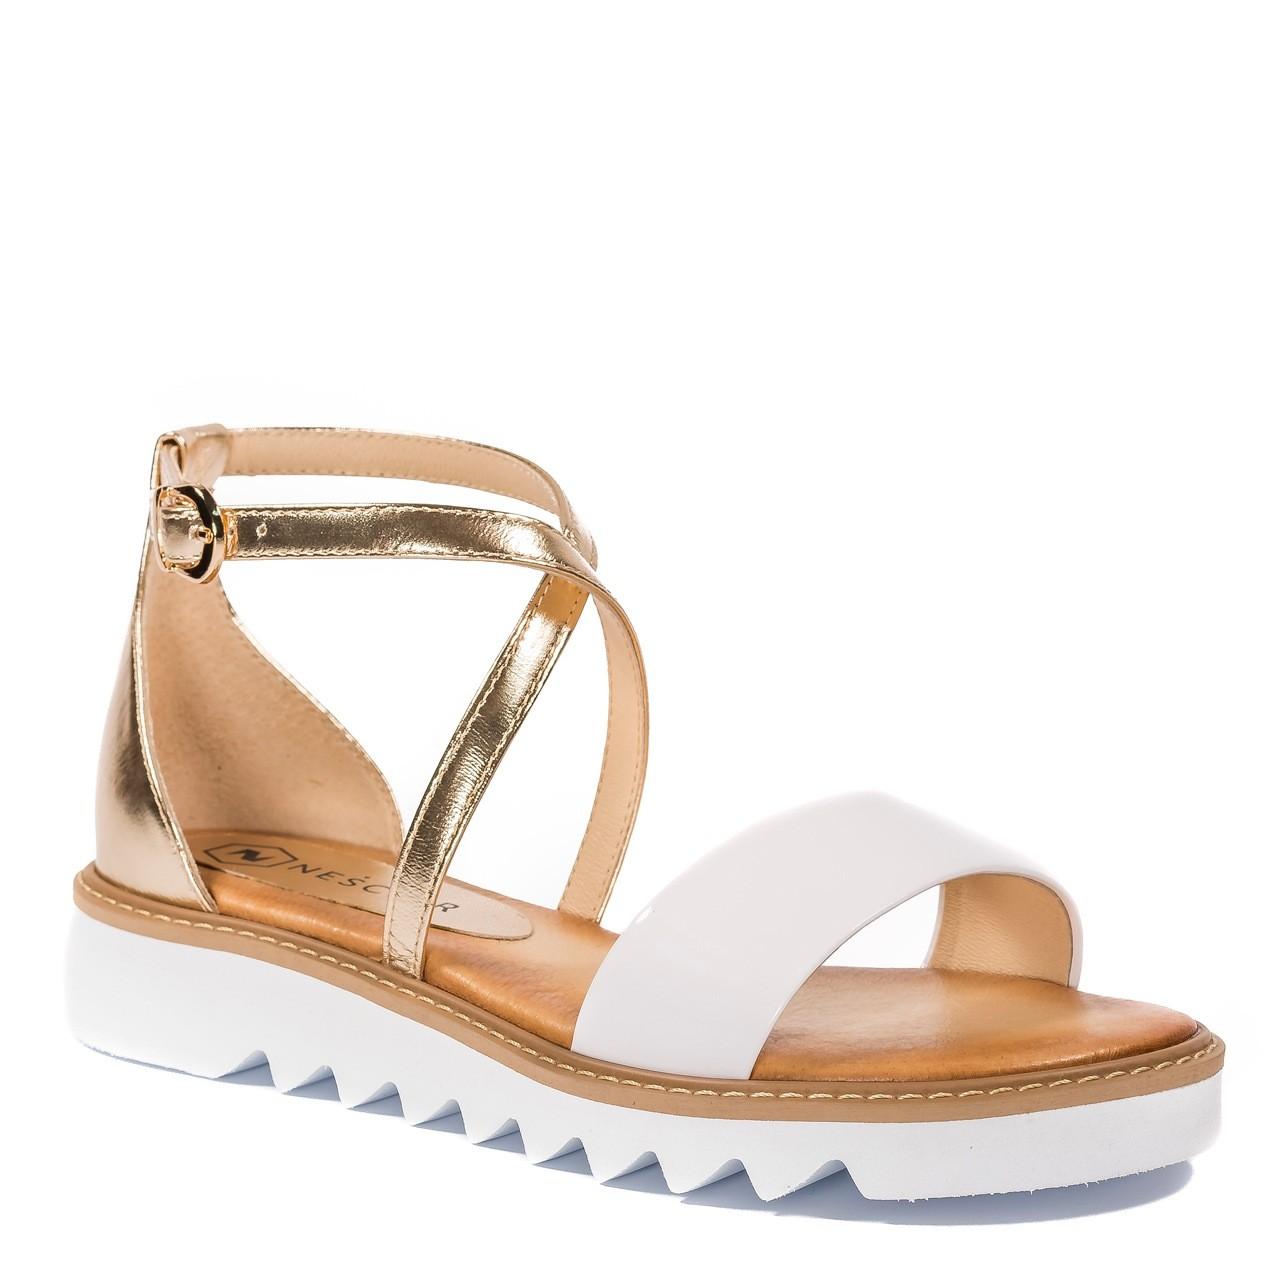 028b2576ce82da Białe skórzane sandały damskie ze złotymi paskami 67A - Neścior ...